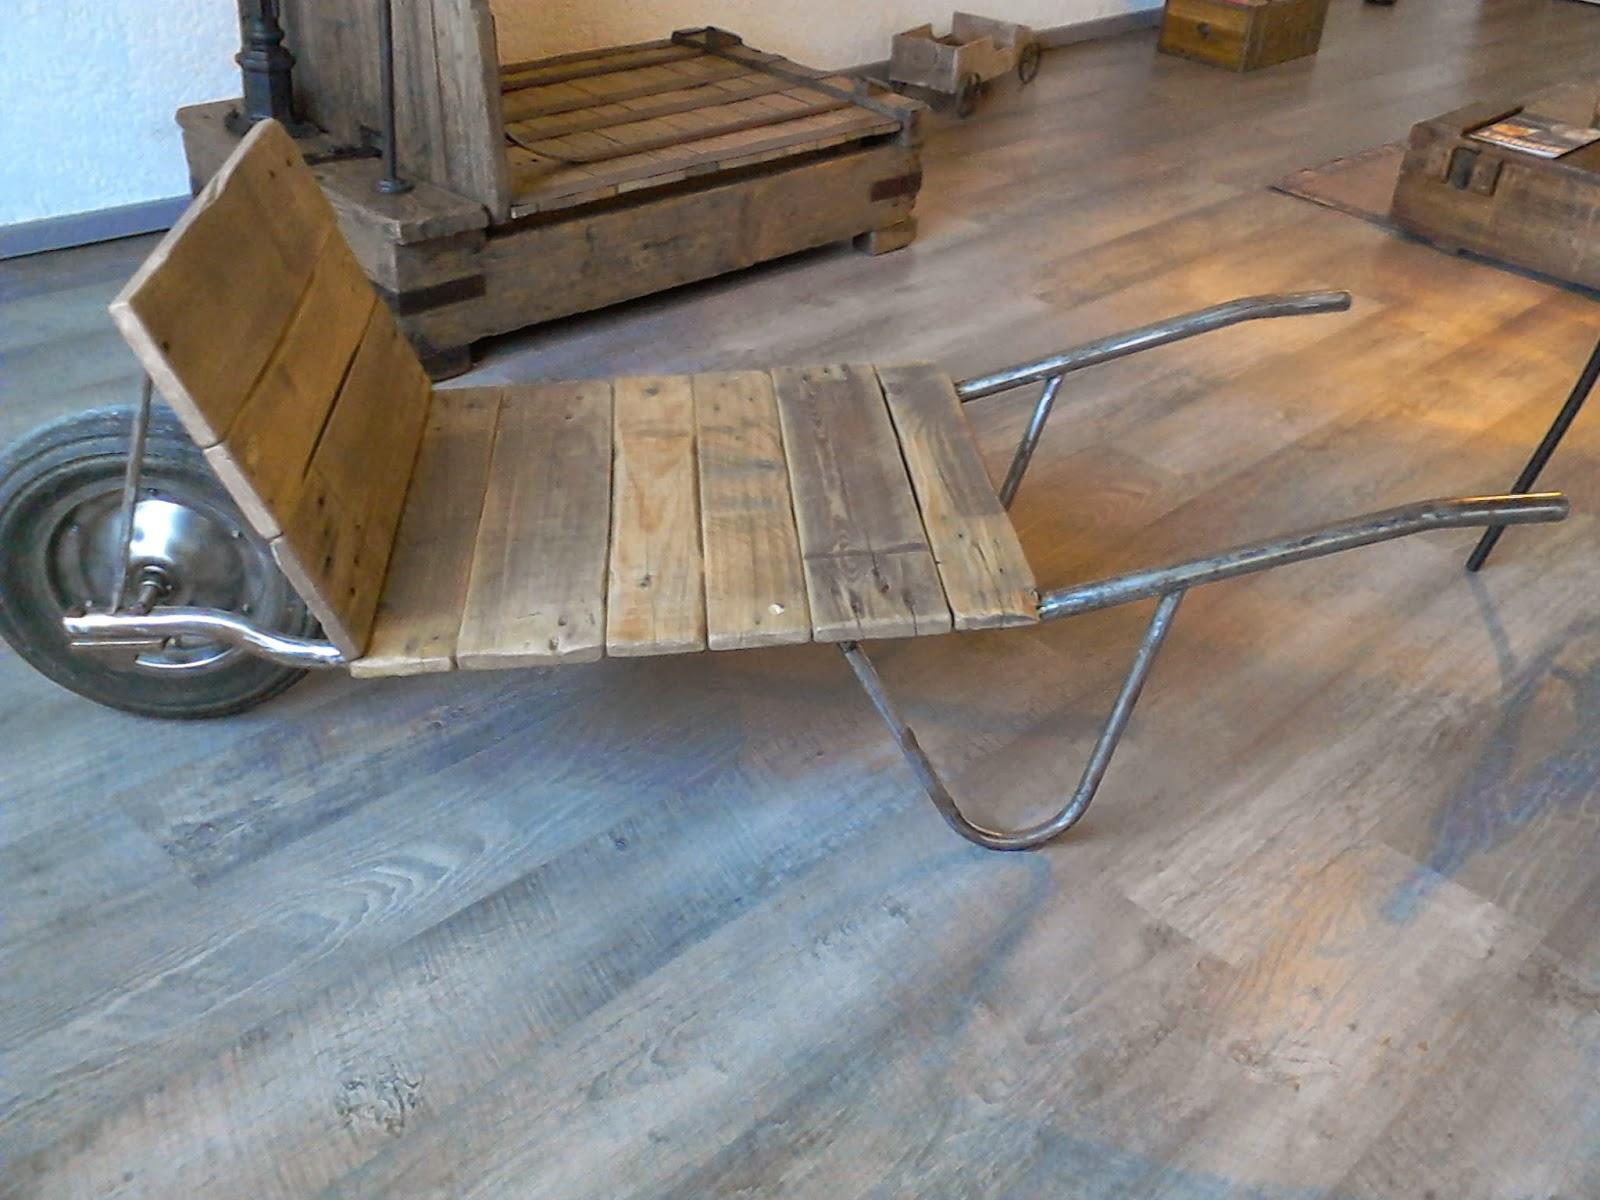 Meubles et objets d coration style industriel - Vieilles planches de bois ...